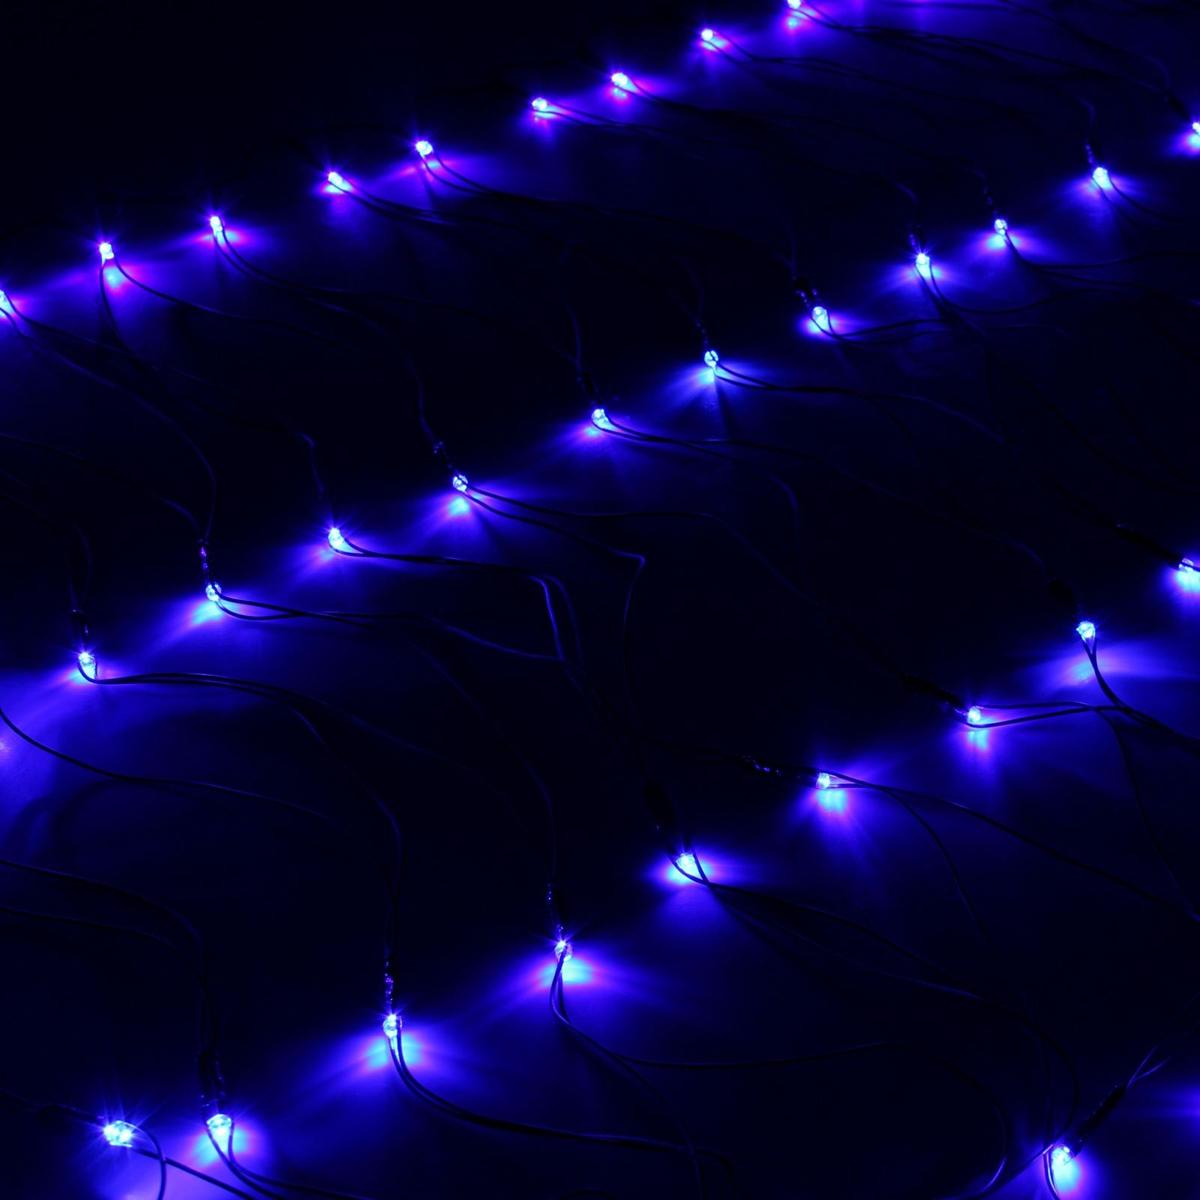 Гирлянда Luazon Сетка, длина 0,7 м, LED 96 ламп, 220V, цвет: синий. 187199187199Светодиодные гирлянды, ленты и т.д — это отличный вариант для новогоднего оформления интерьера или фасада. С их помощью помещение любого размера можно превратить в праздничный зал, а внешние элементы зданий, украшенные ими, мгновенно станут напоминать очертания сказочного дворца. Такие украшения создают ауру предвкушения чуда. Деревья, фасады, витрины, окна и арки будто специально созданы, чтобы вы украсили их светящимися нитями.